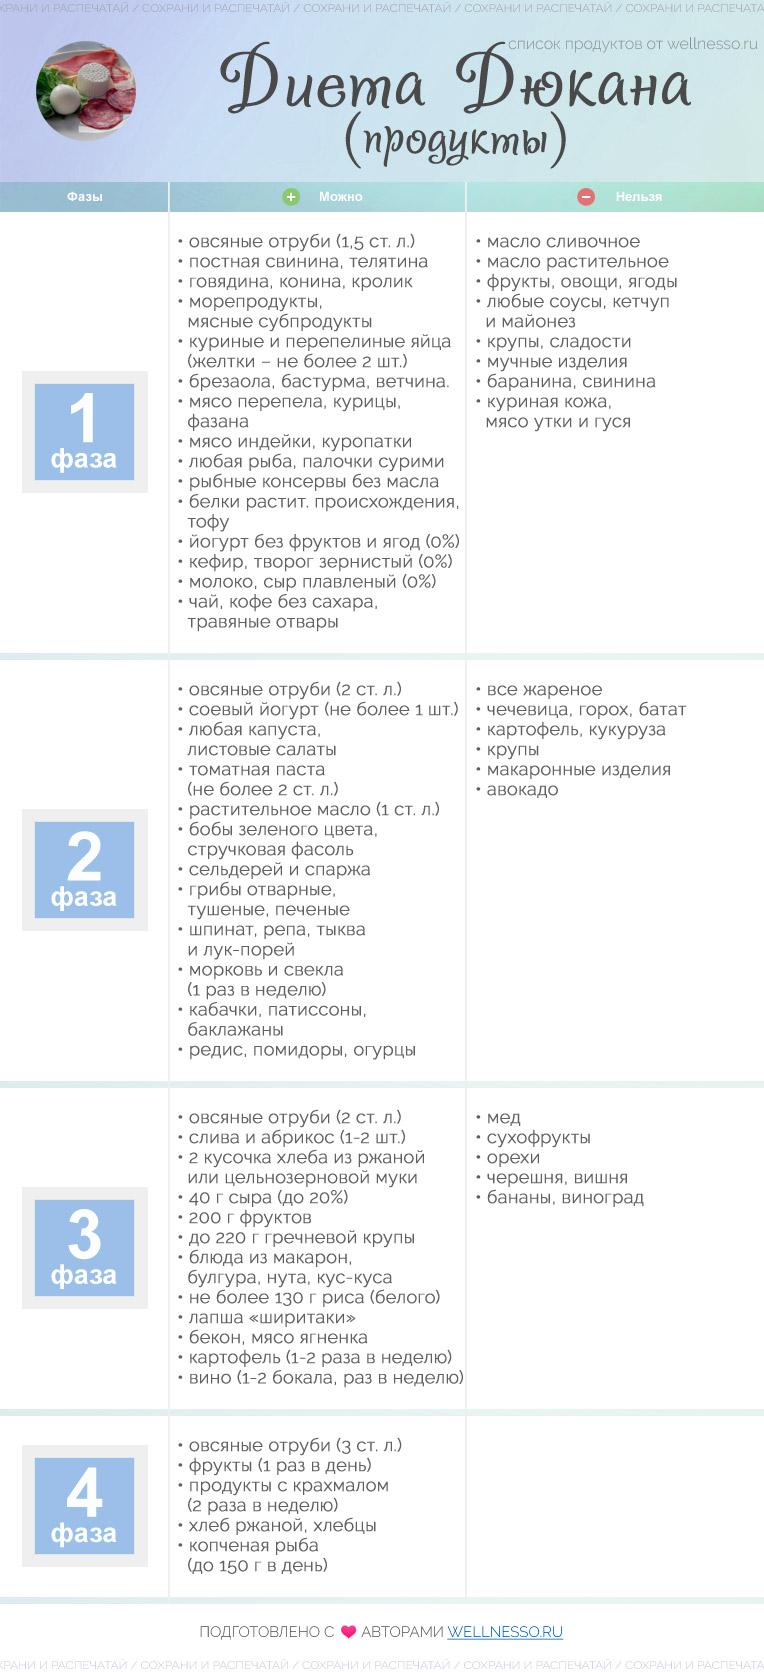 Диета Дюкана для похудения меню и рецепты для этапов отзывы